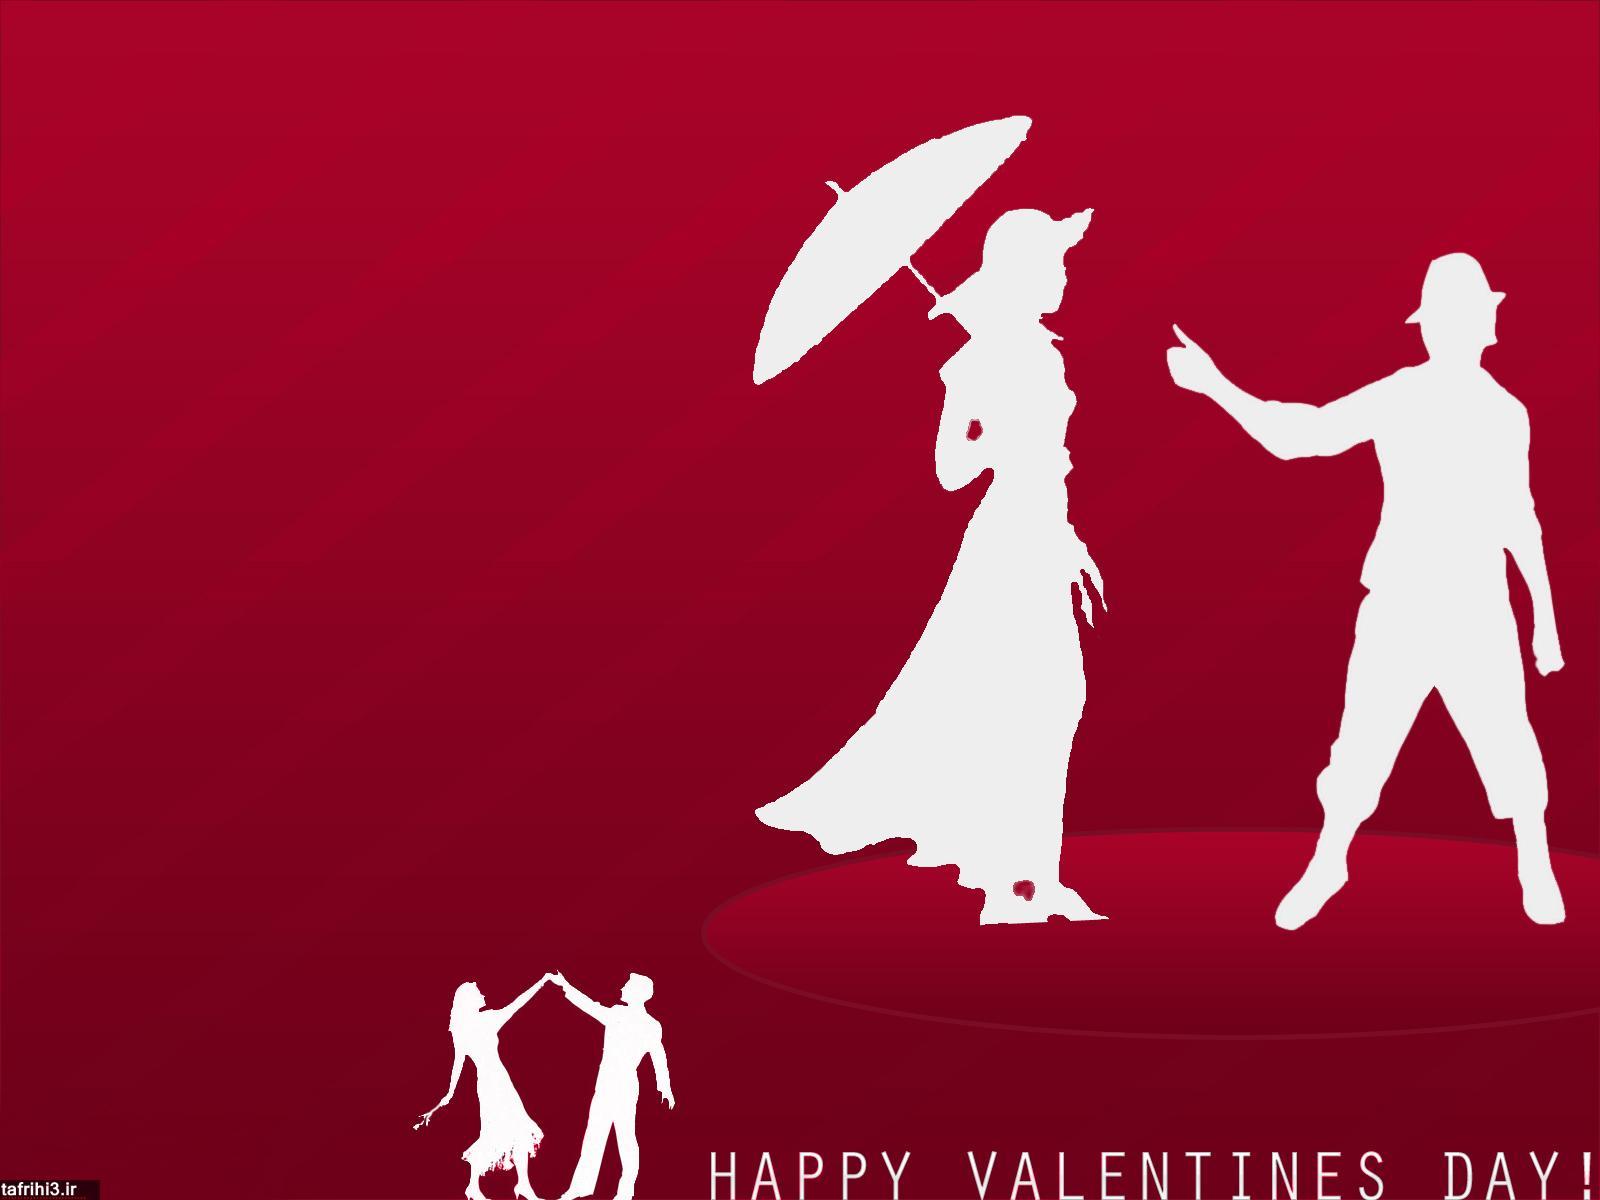 عکس های عاشقانه ولنتاین با کیفیت بالا 2015